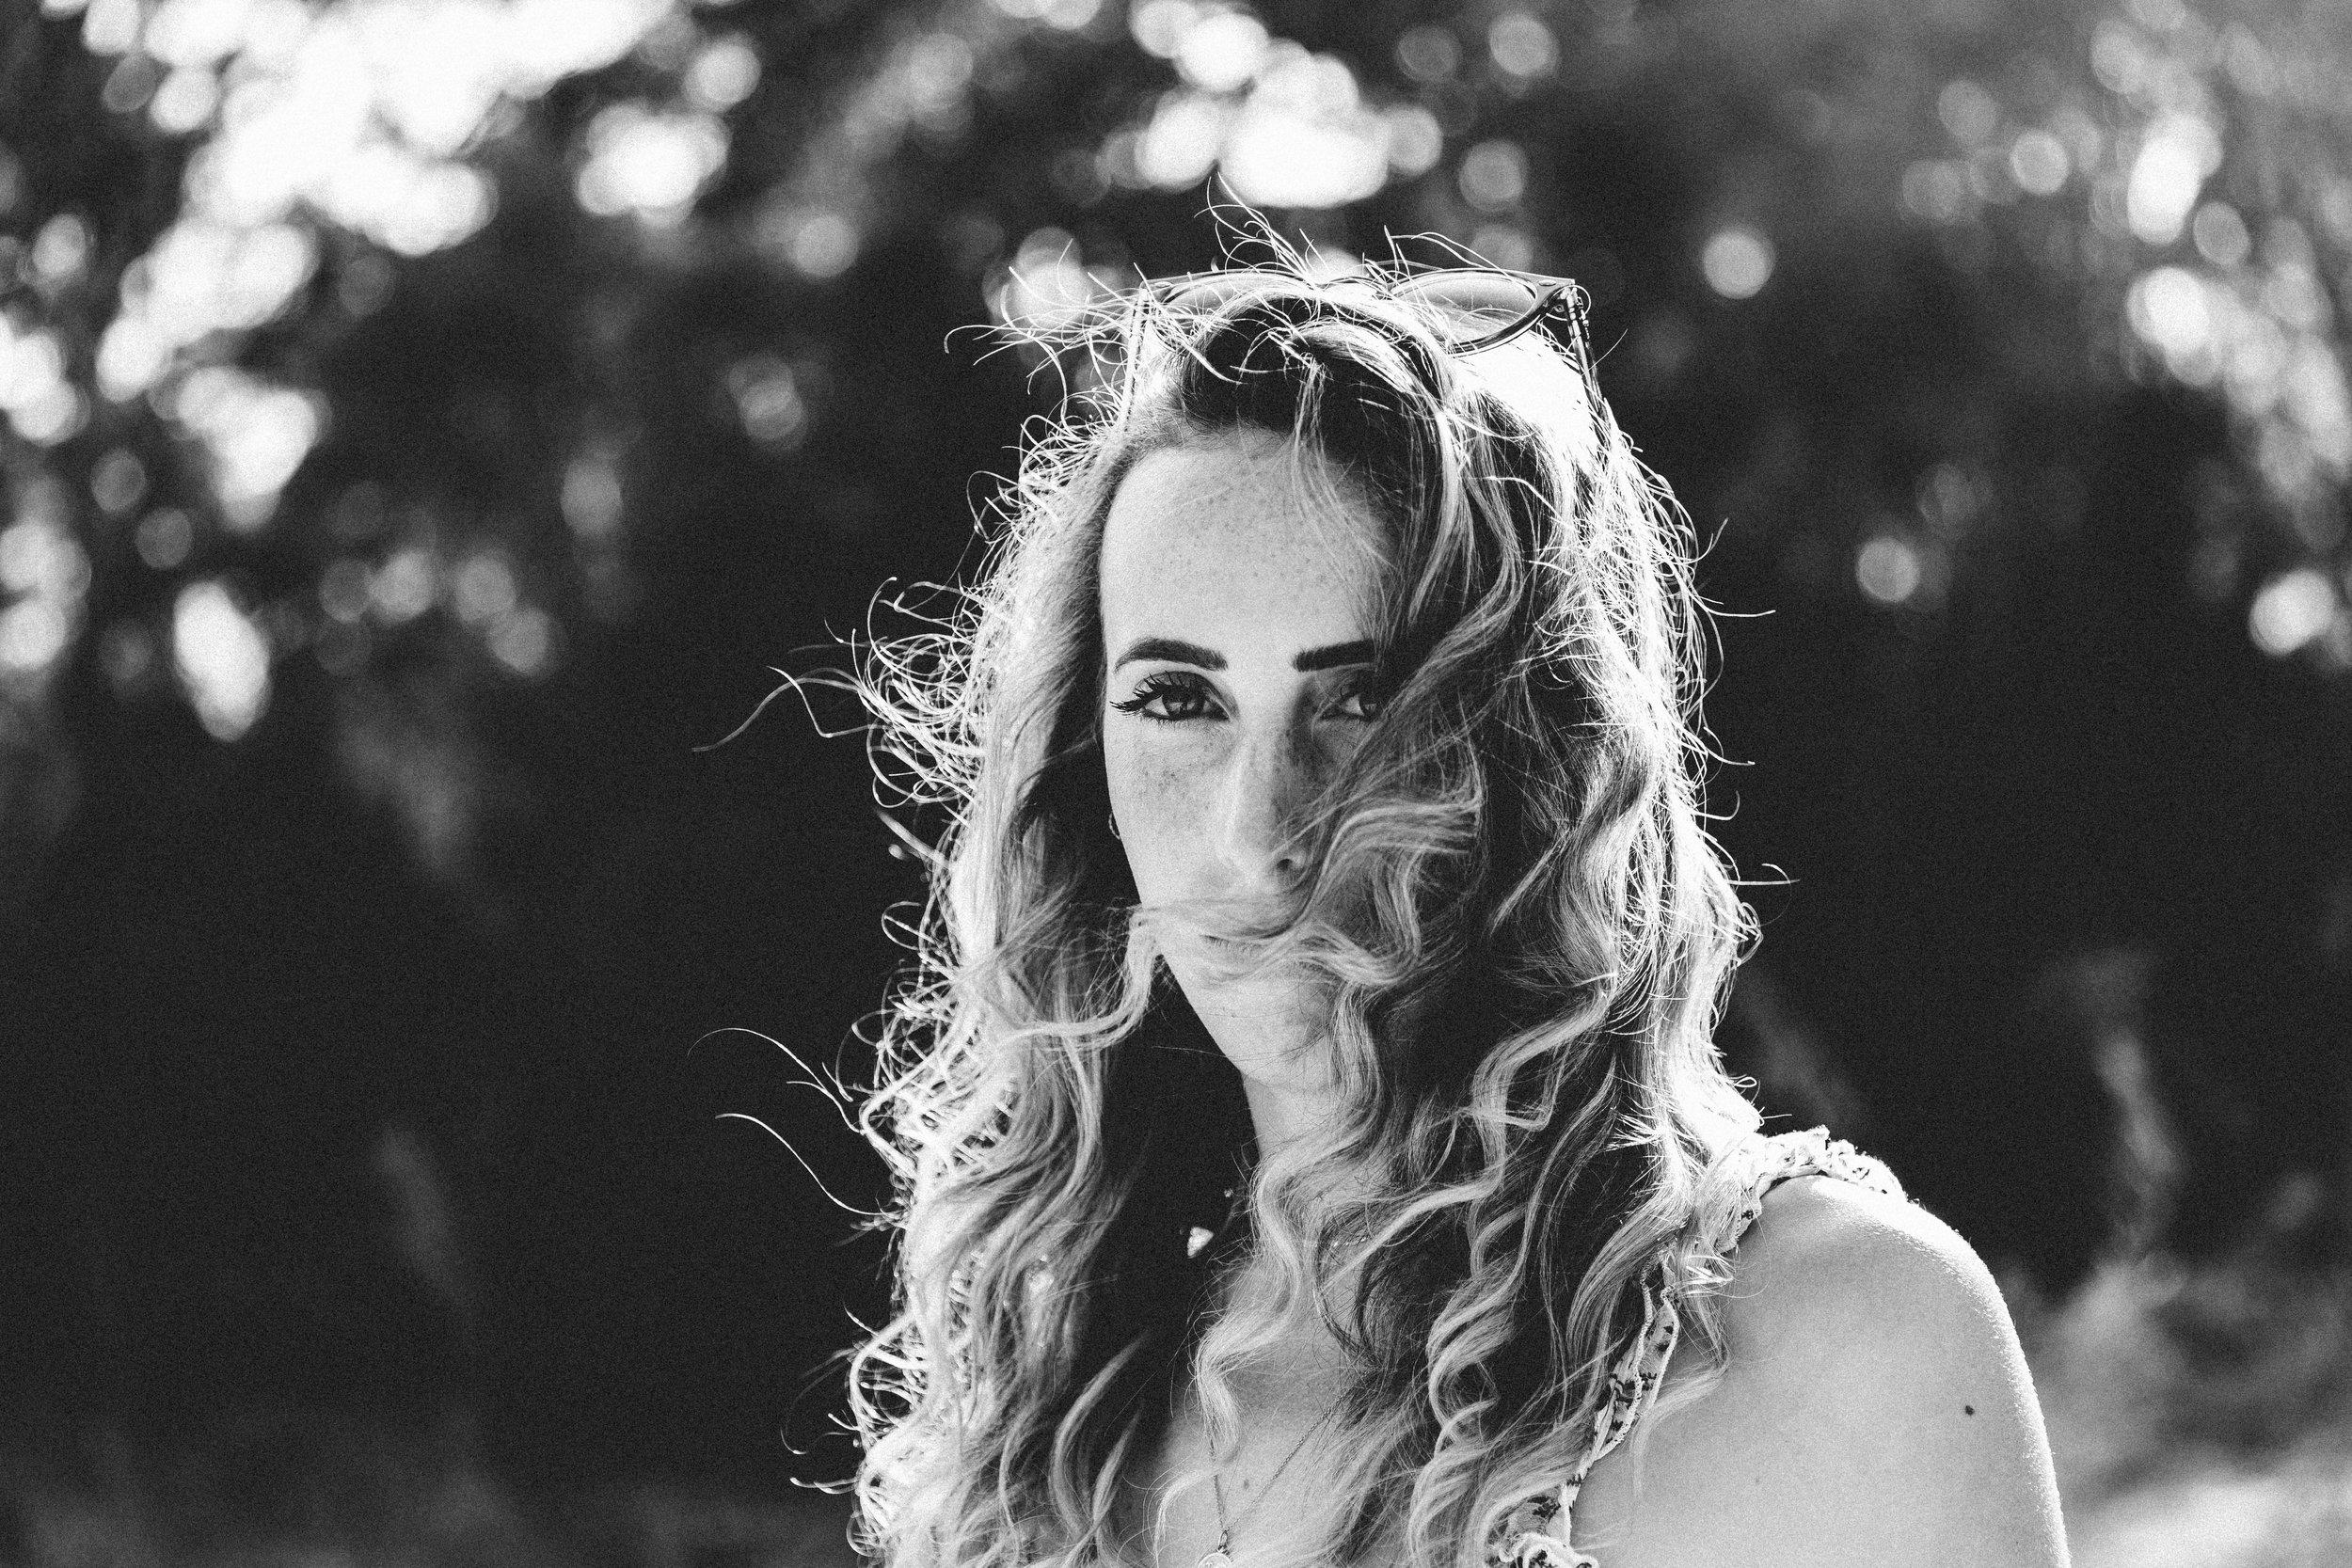 Lachlan-Jordan-Photography-6075-2.jpg